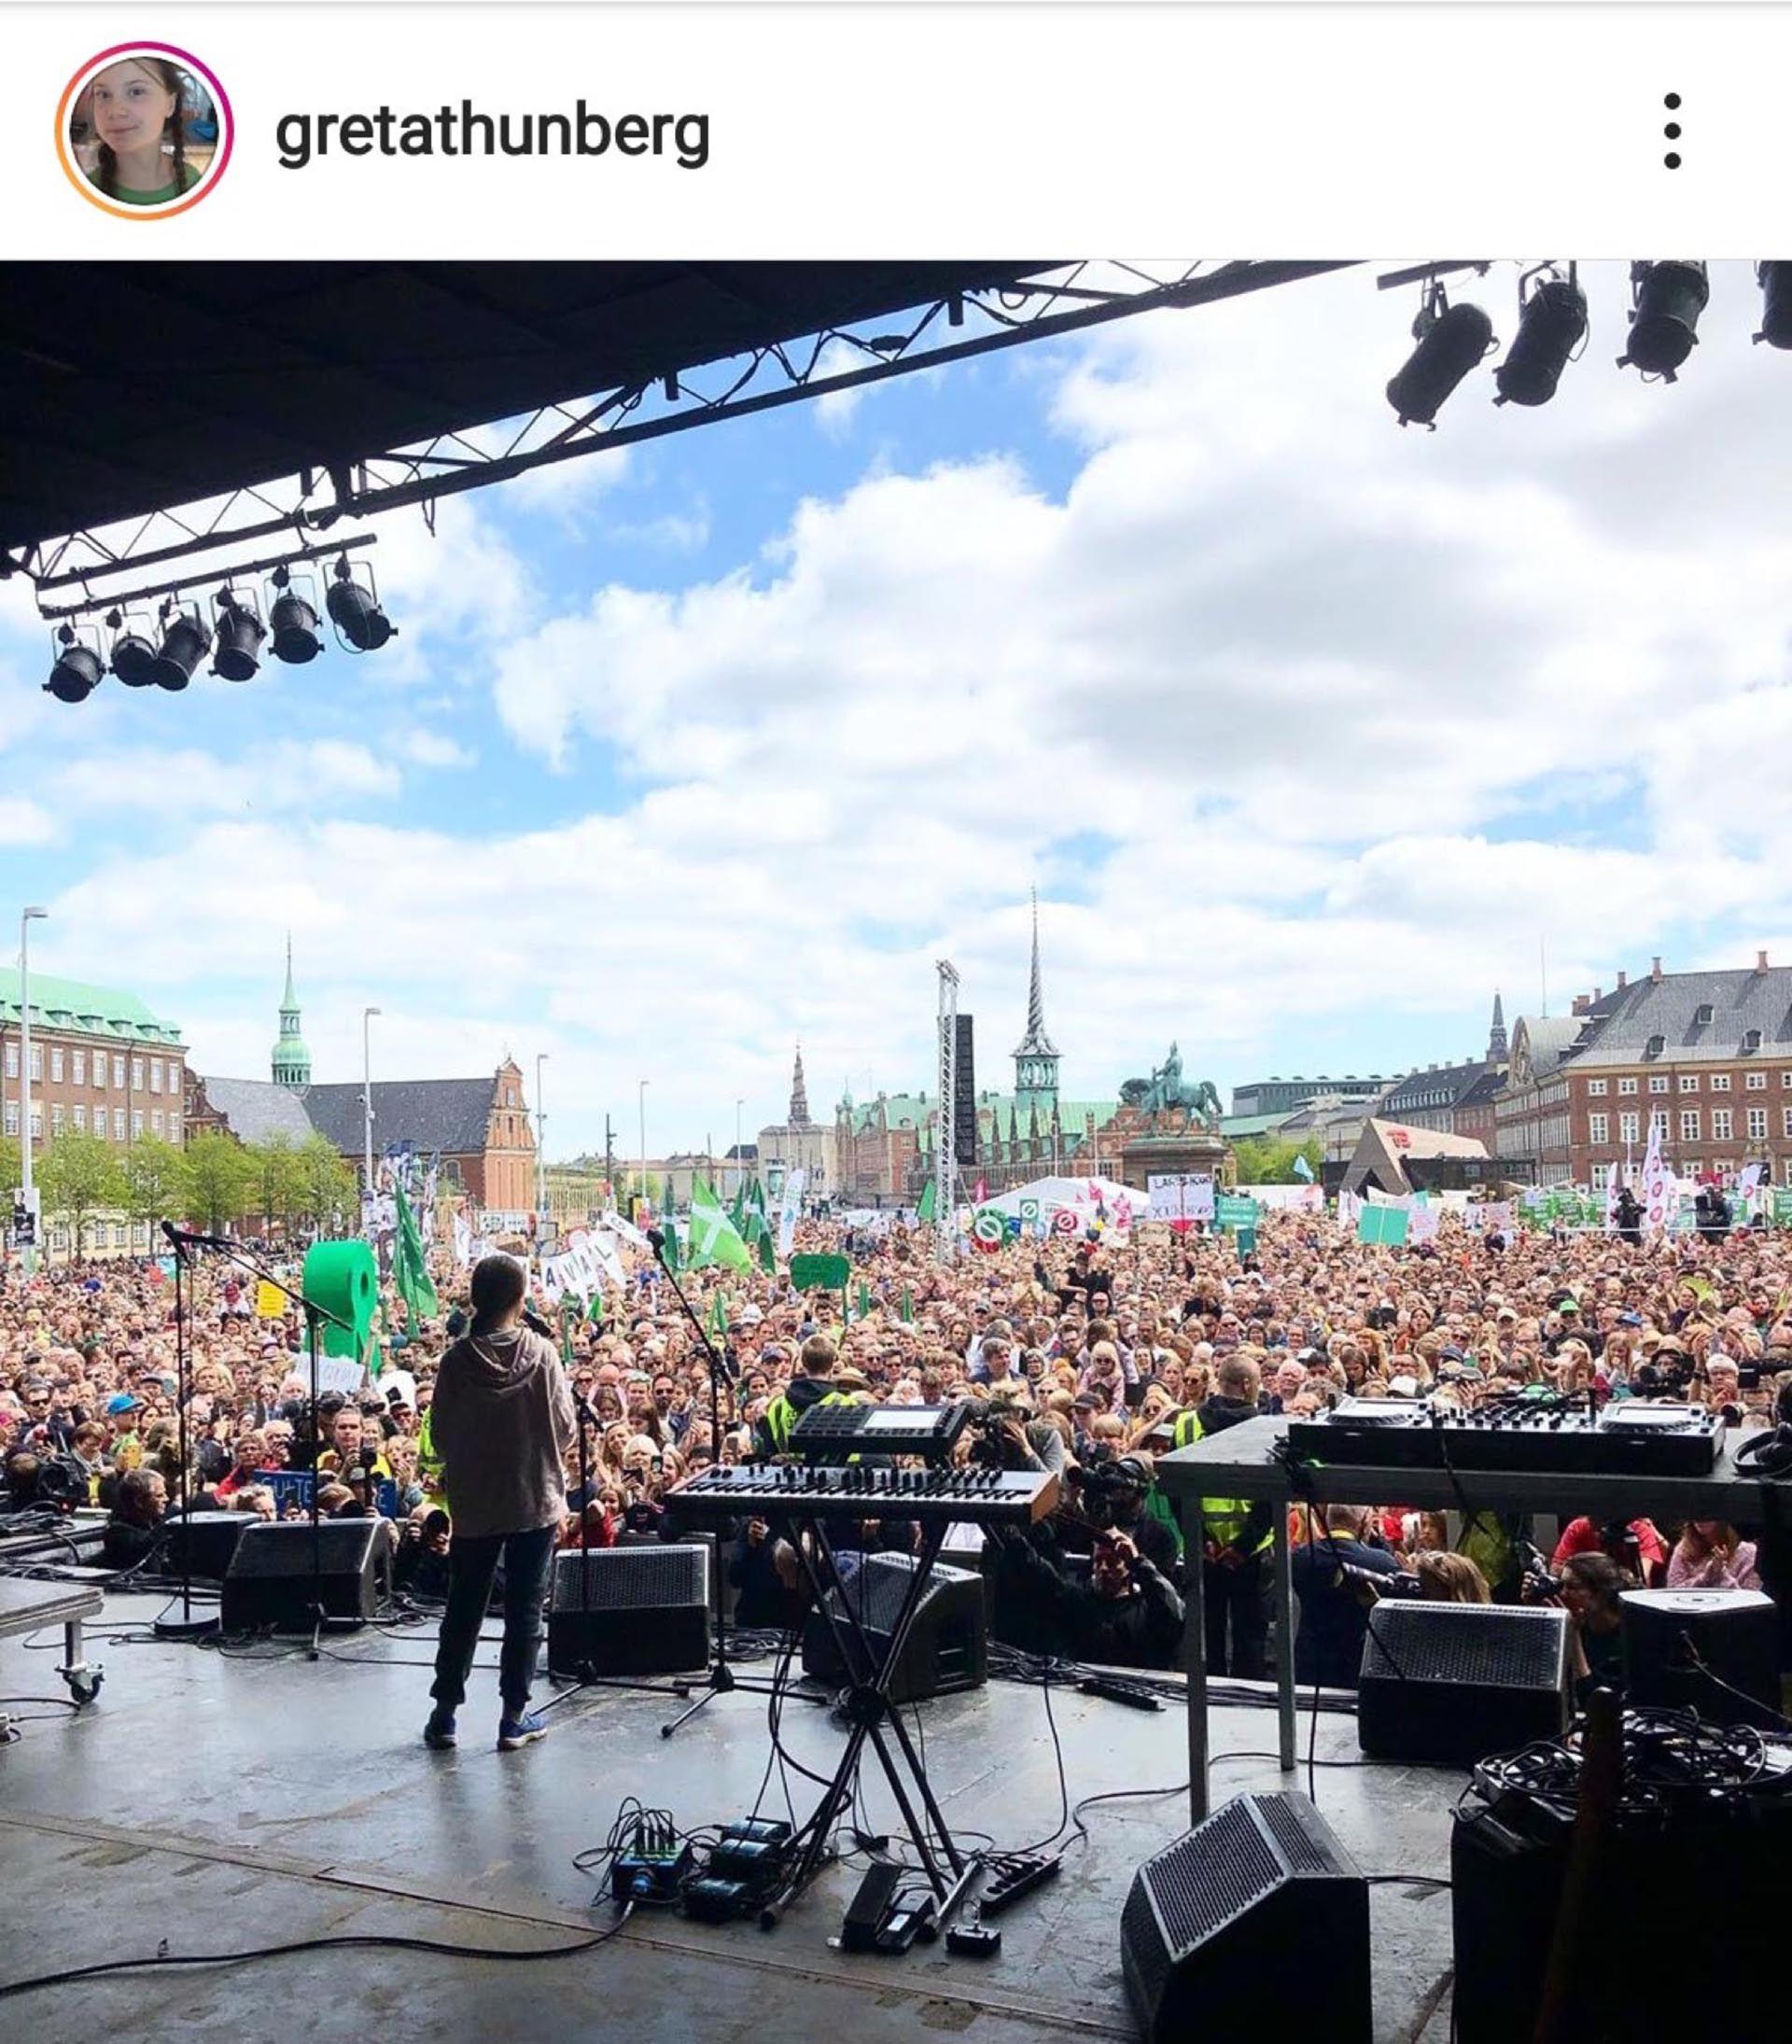 Greta lideró la primera marcha contra el cambio climático en Estocolmo.